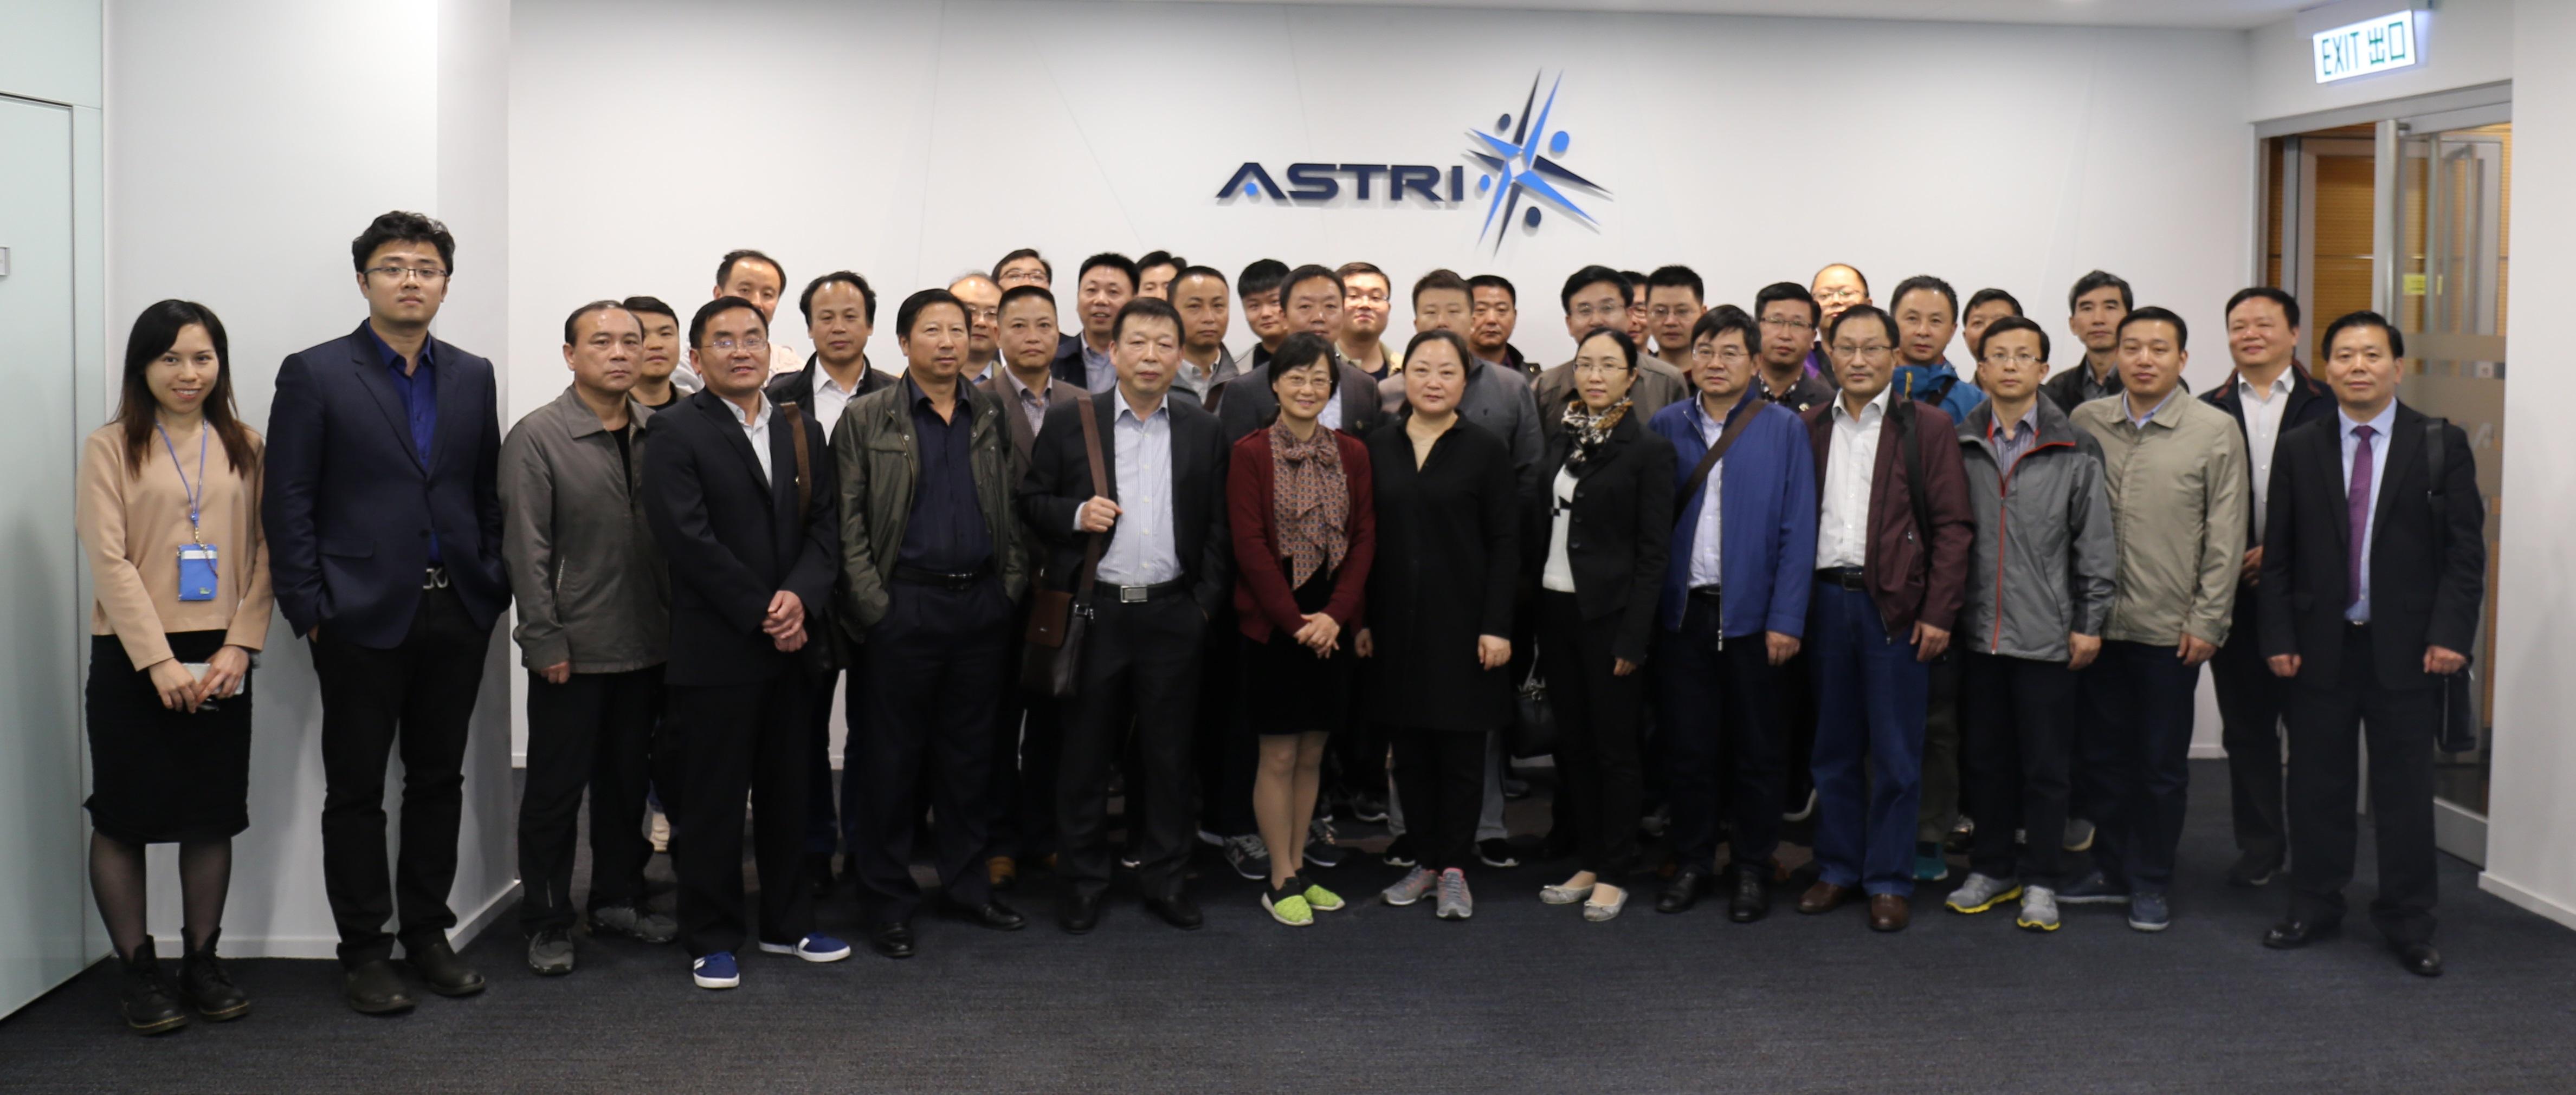 安徽省綜合交通管理部代表團到訪應科院